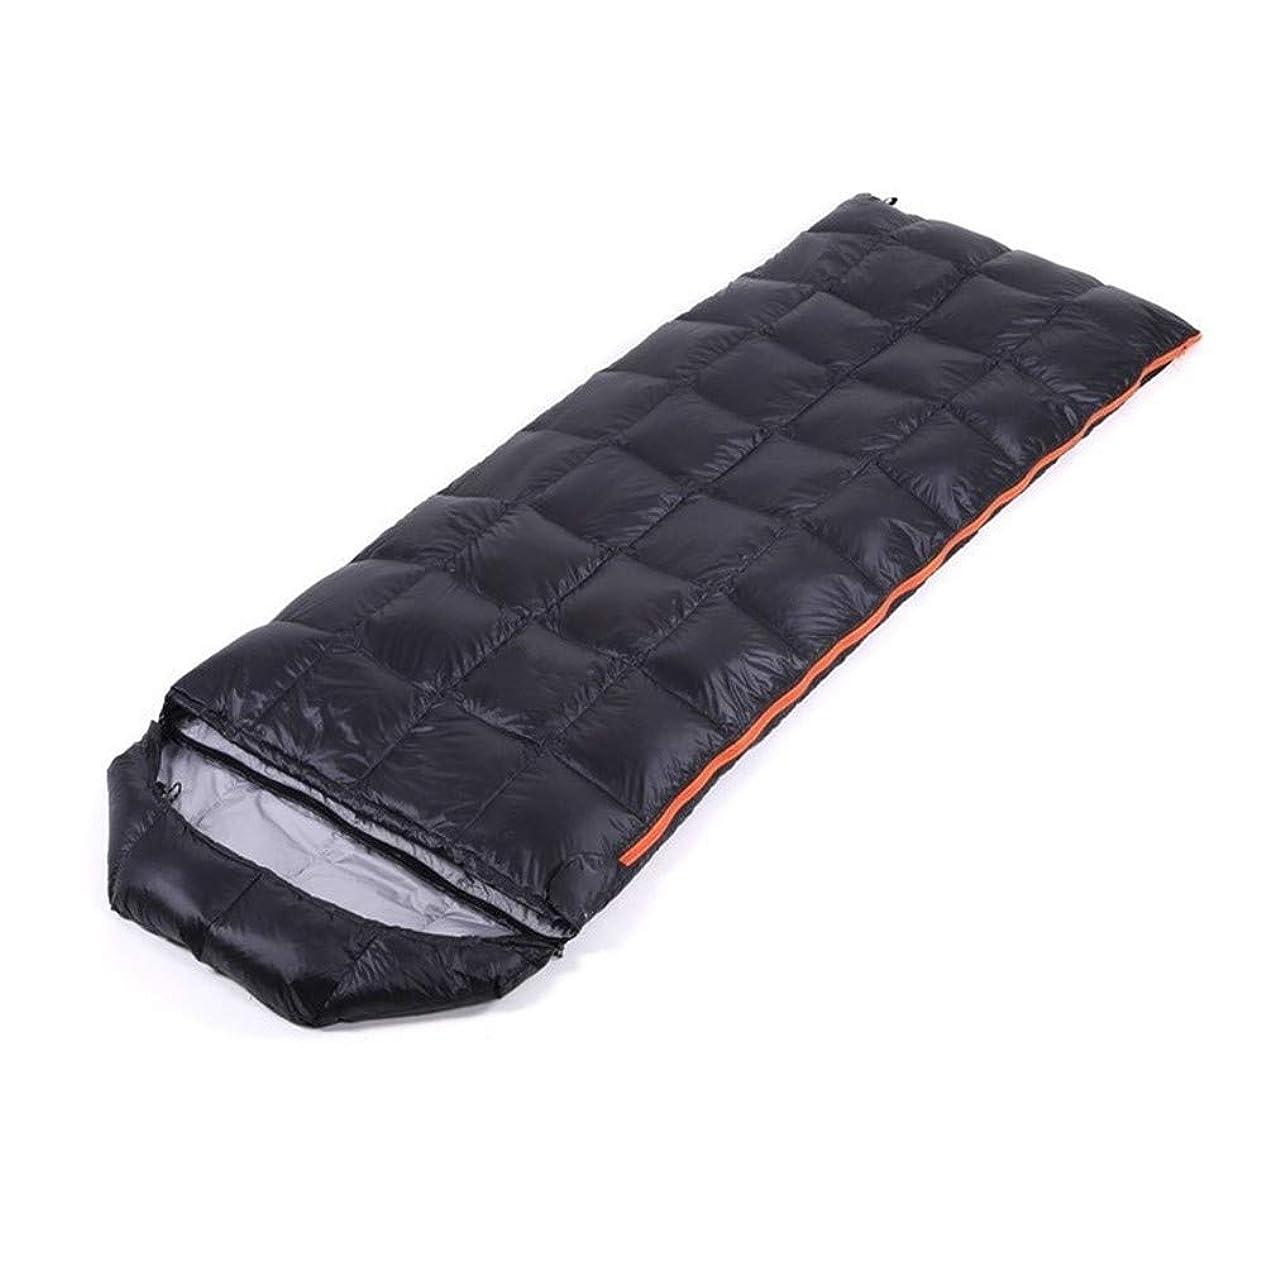 強制的スリップシューズアジテーション圧縮袋とキャンプ場寝袋アウトドアウルトラライトダウン長方形 屋外の寝袋キャンプハイキングハイキングポータブル防水寝袋 (Color : Black)